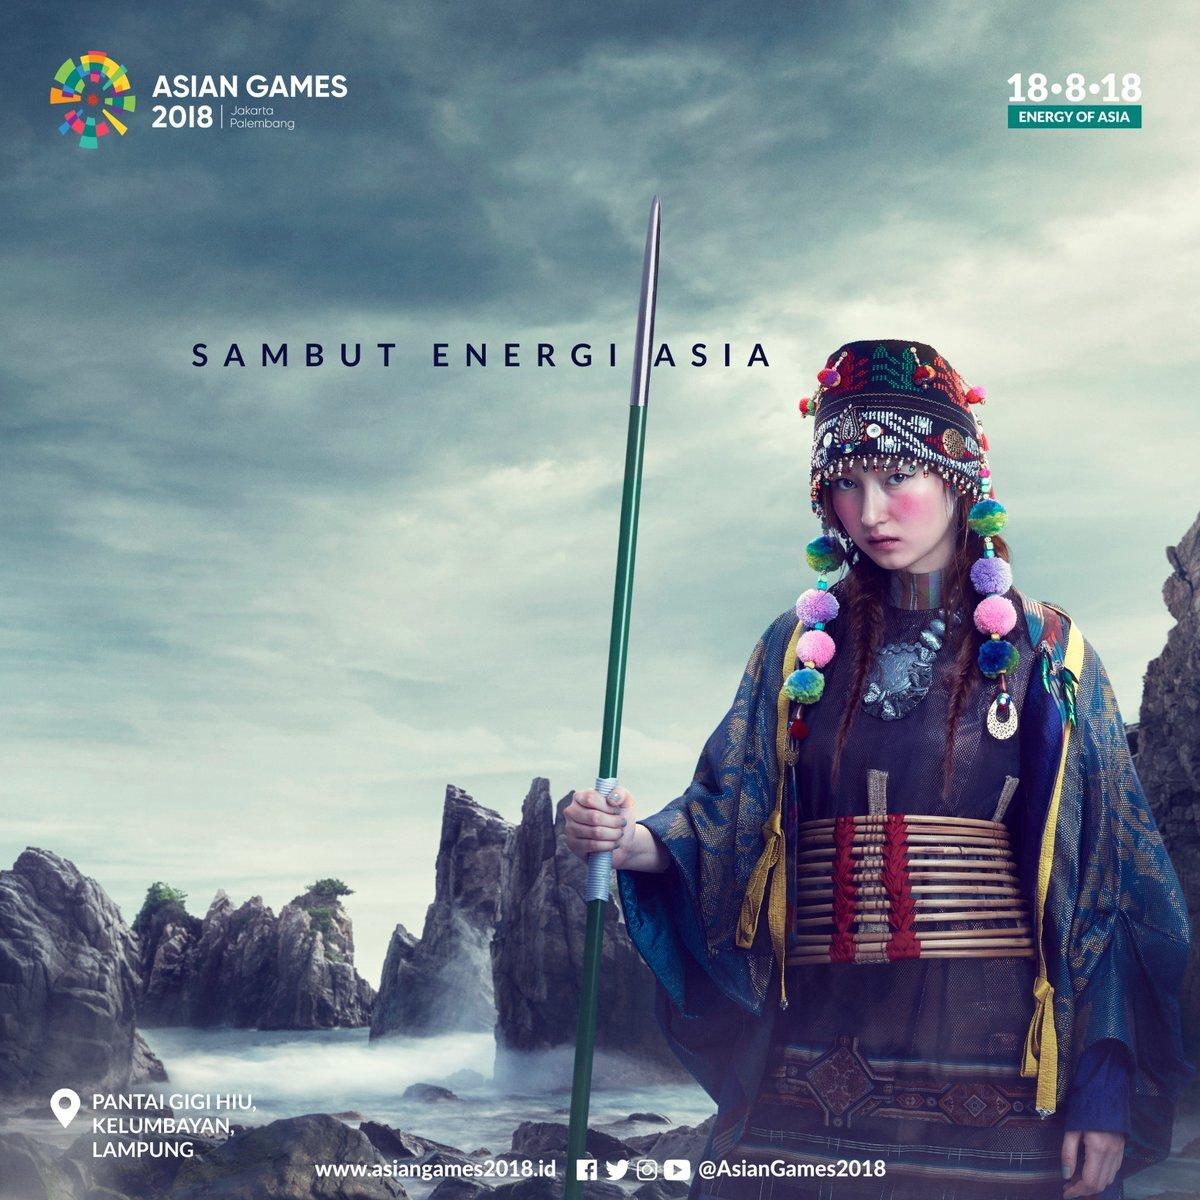 Mari Sambut Energi Asia Dalam Asian Game 2018 Jakarta Palembang Indonesia